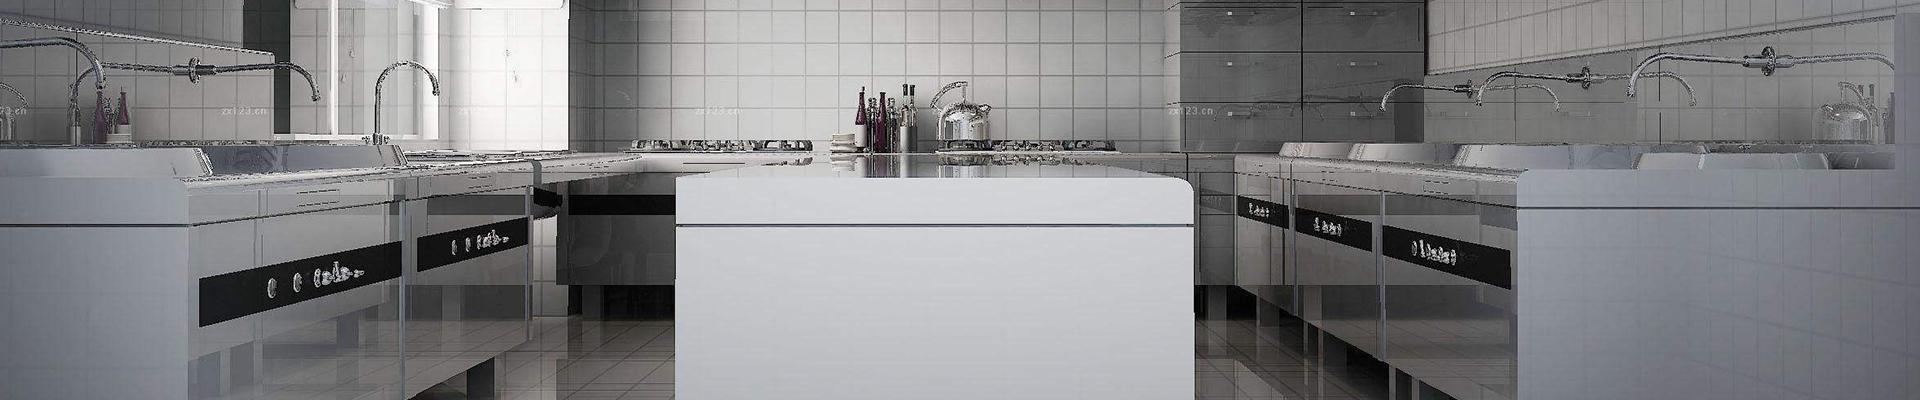 龙岩市万辉厨房设备有限公司